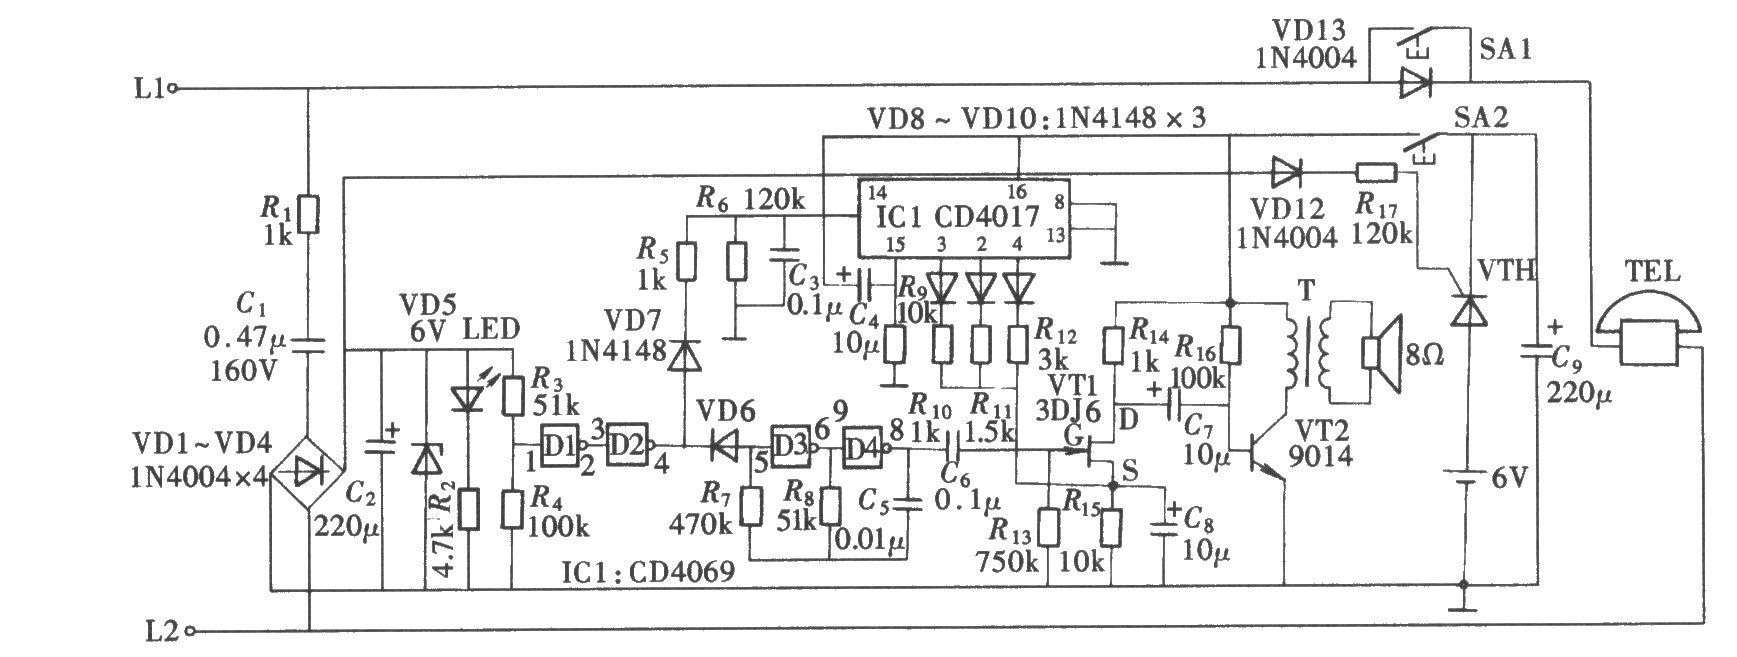 该电路中,由门电路cd4069组成的多谐振荡器来产生铃声信号,由一只场